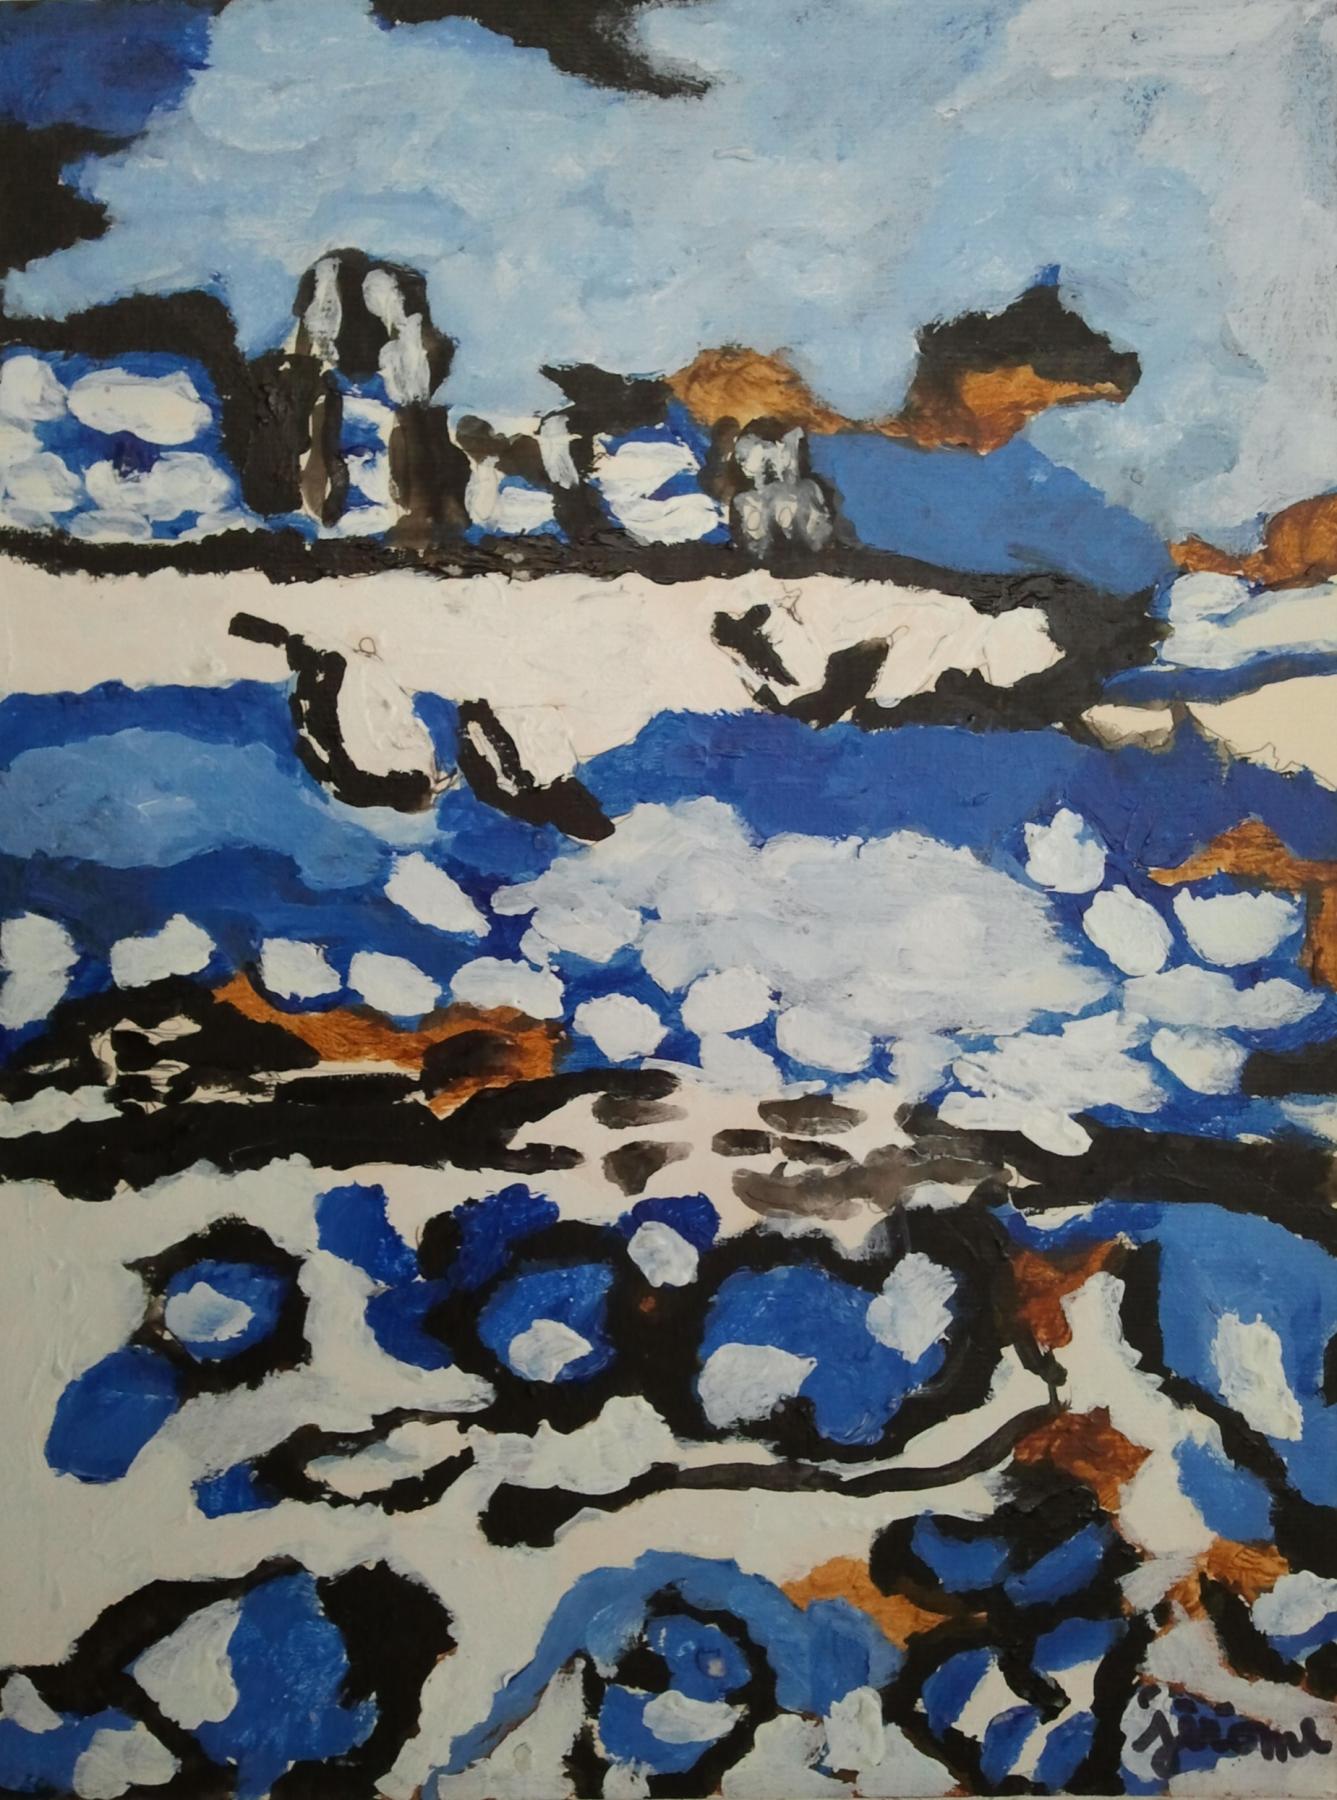 pezzillo jérôme rivage bleu et blanc